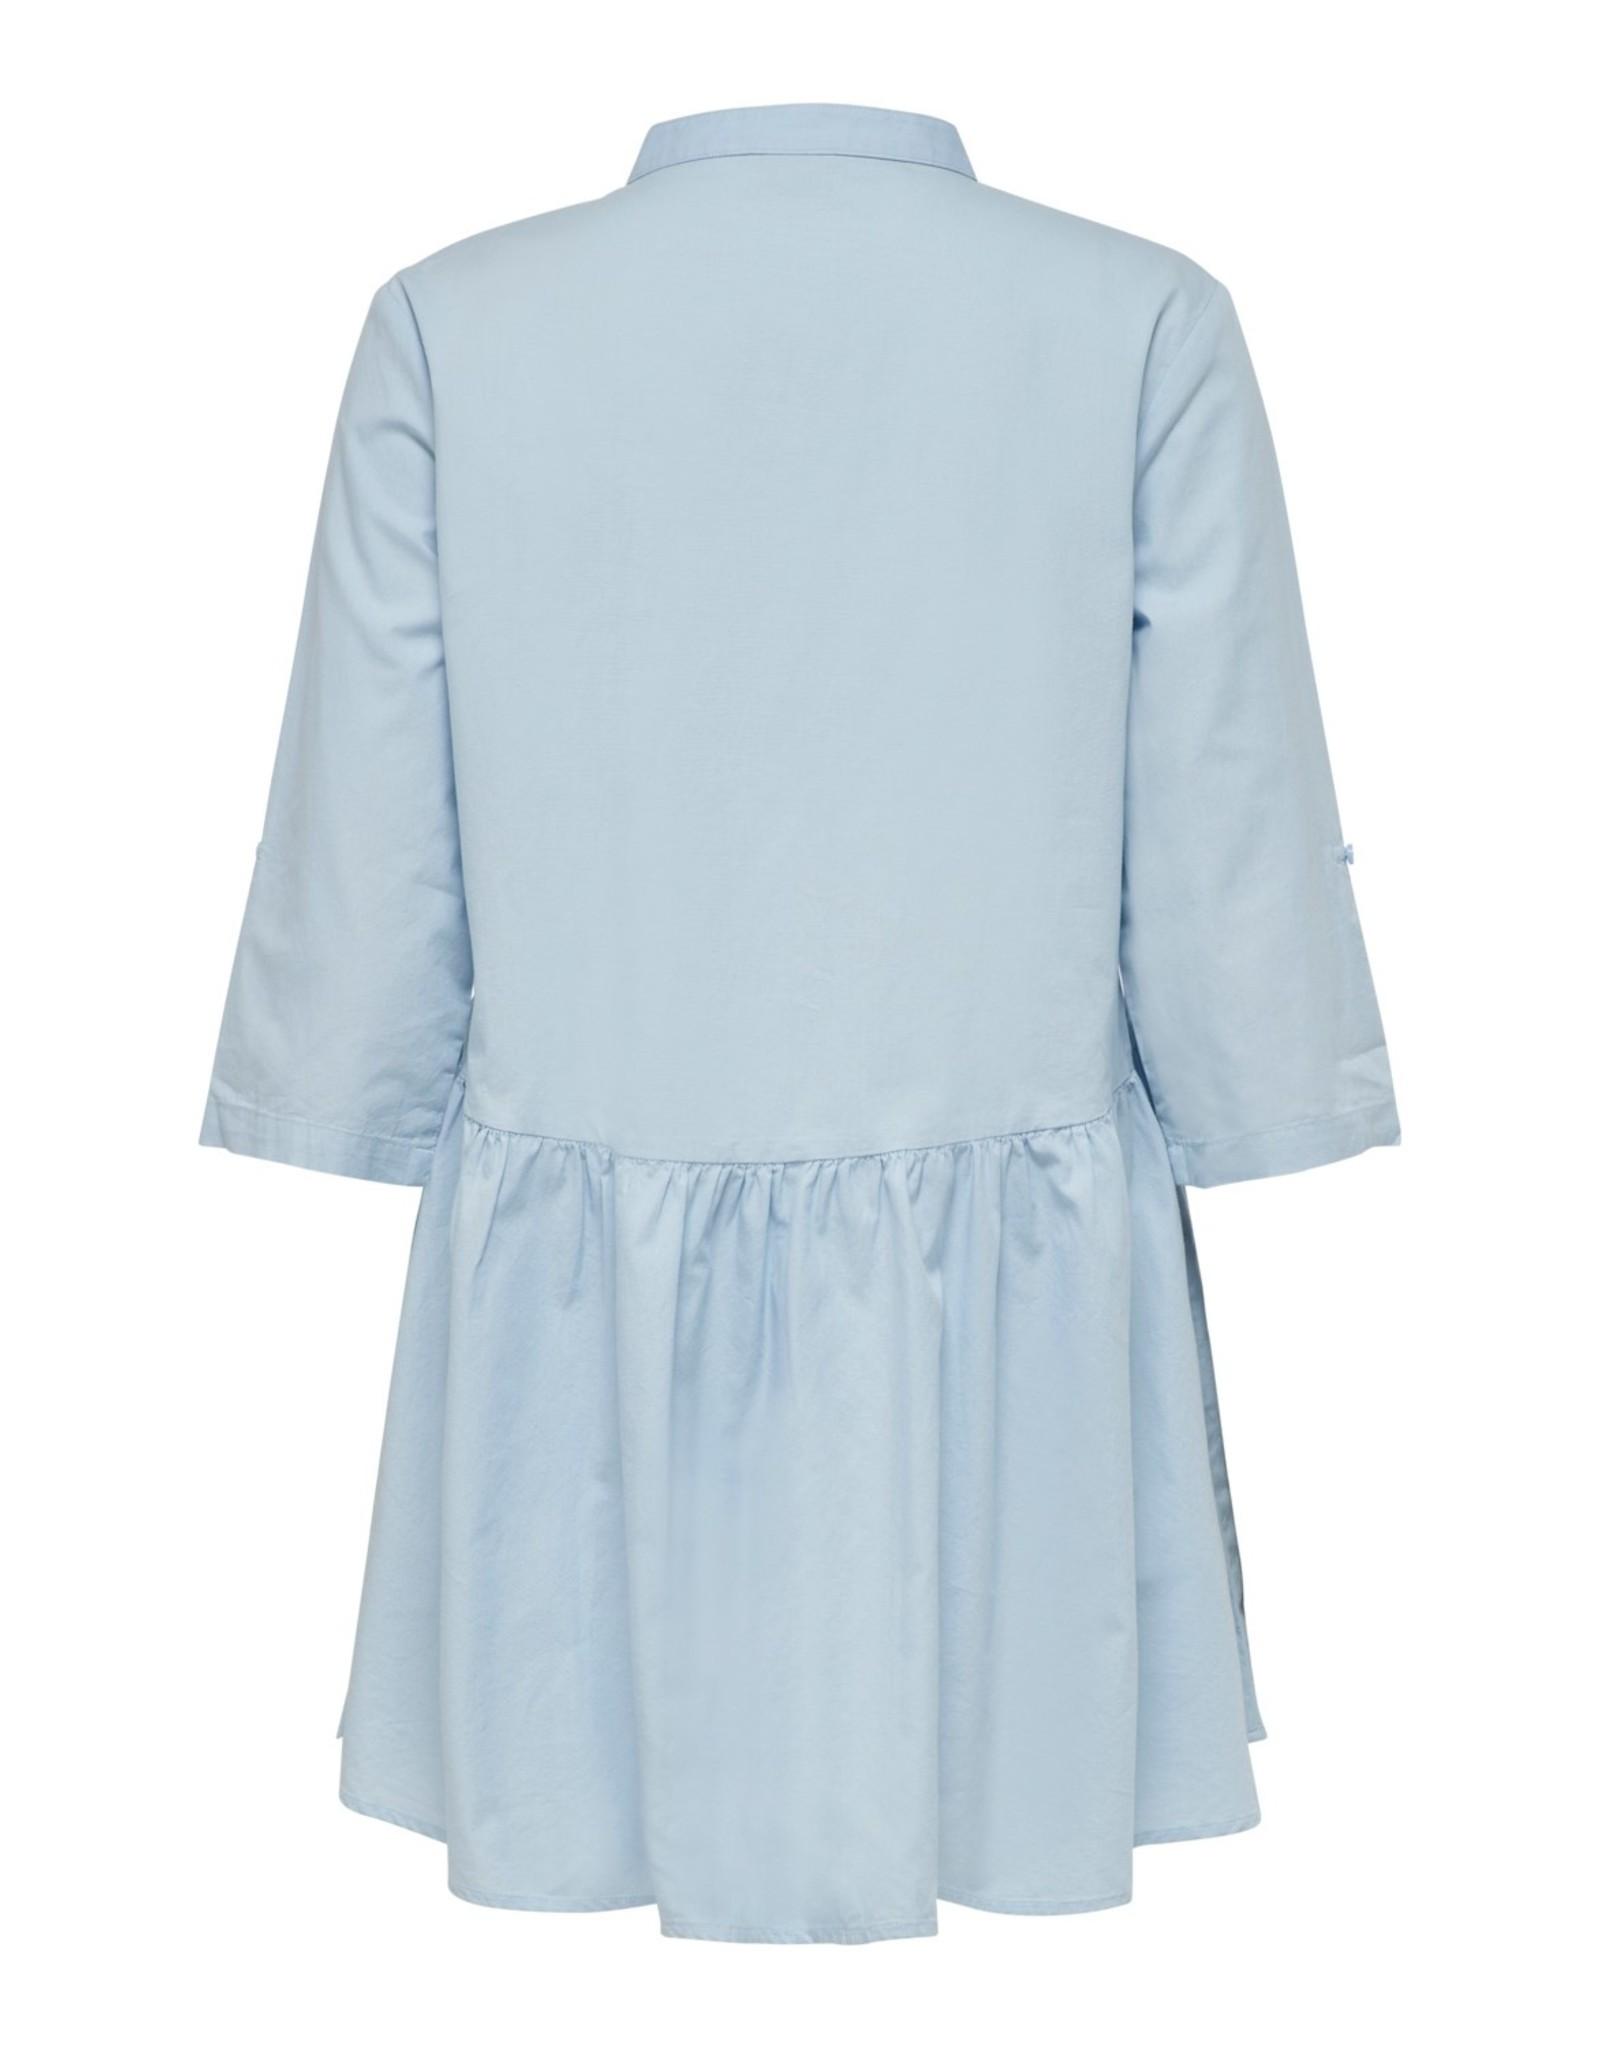 CAM DRESS BABY BLUE